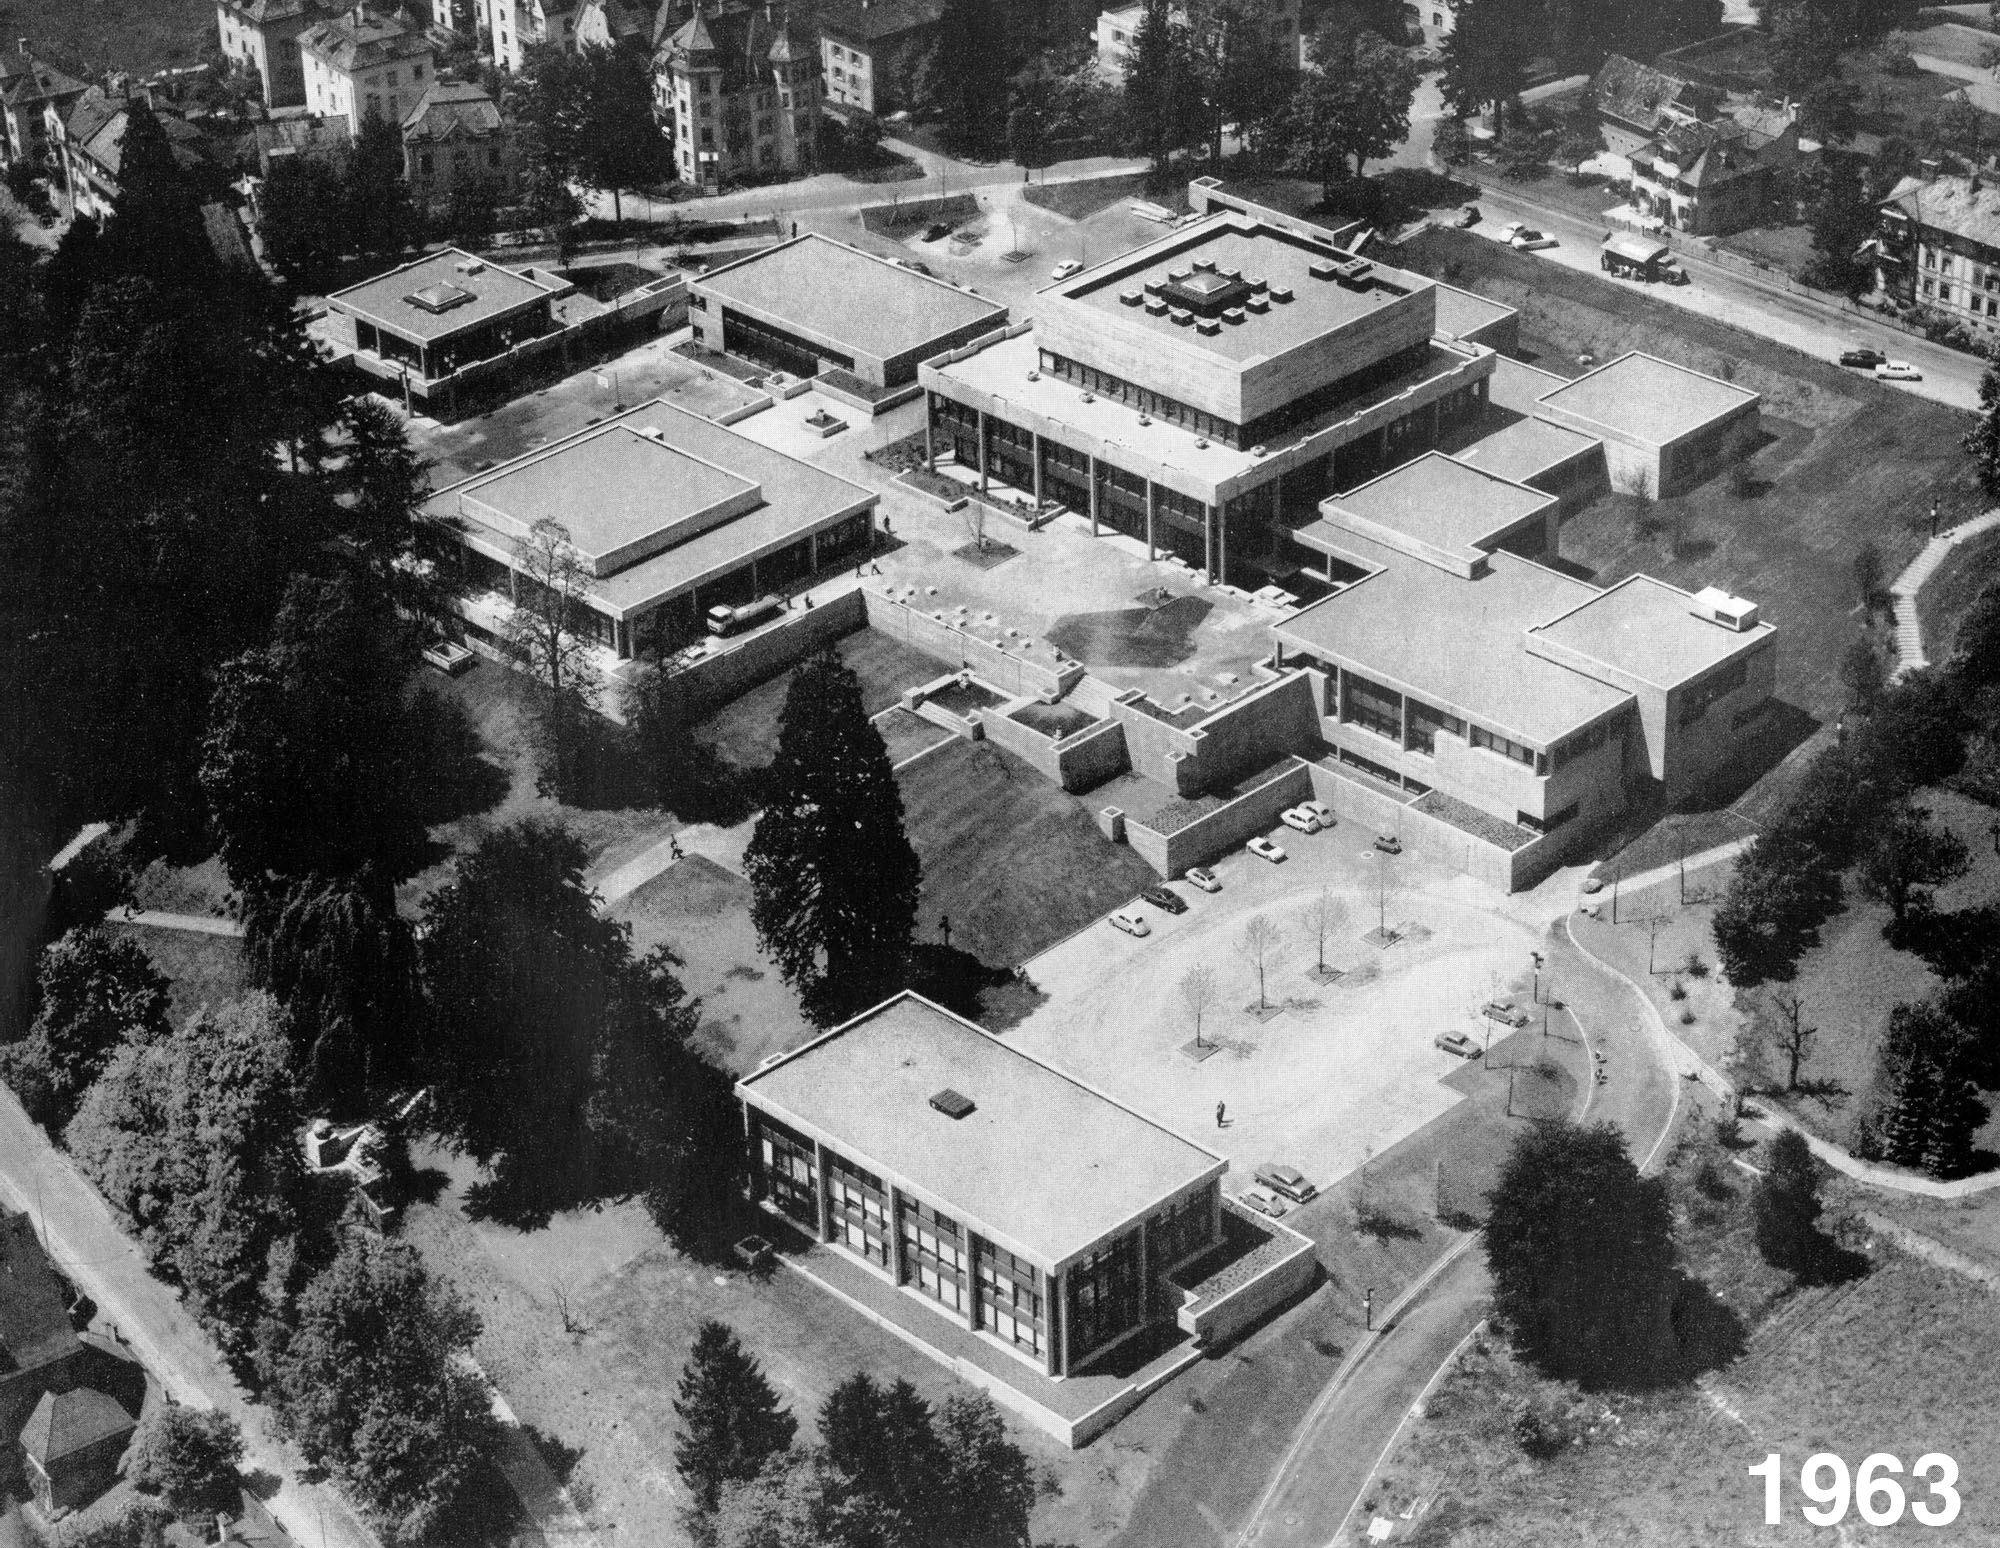 Universität Stgallen Hsg Stgallen Ben Huser